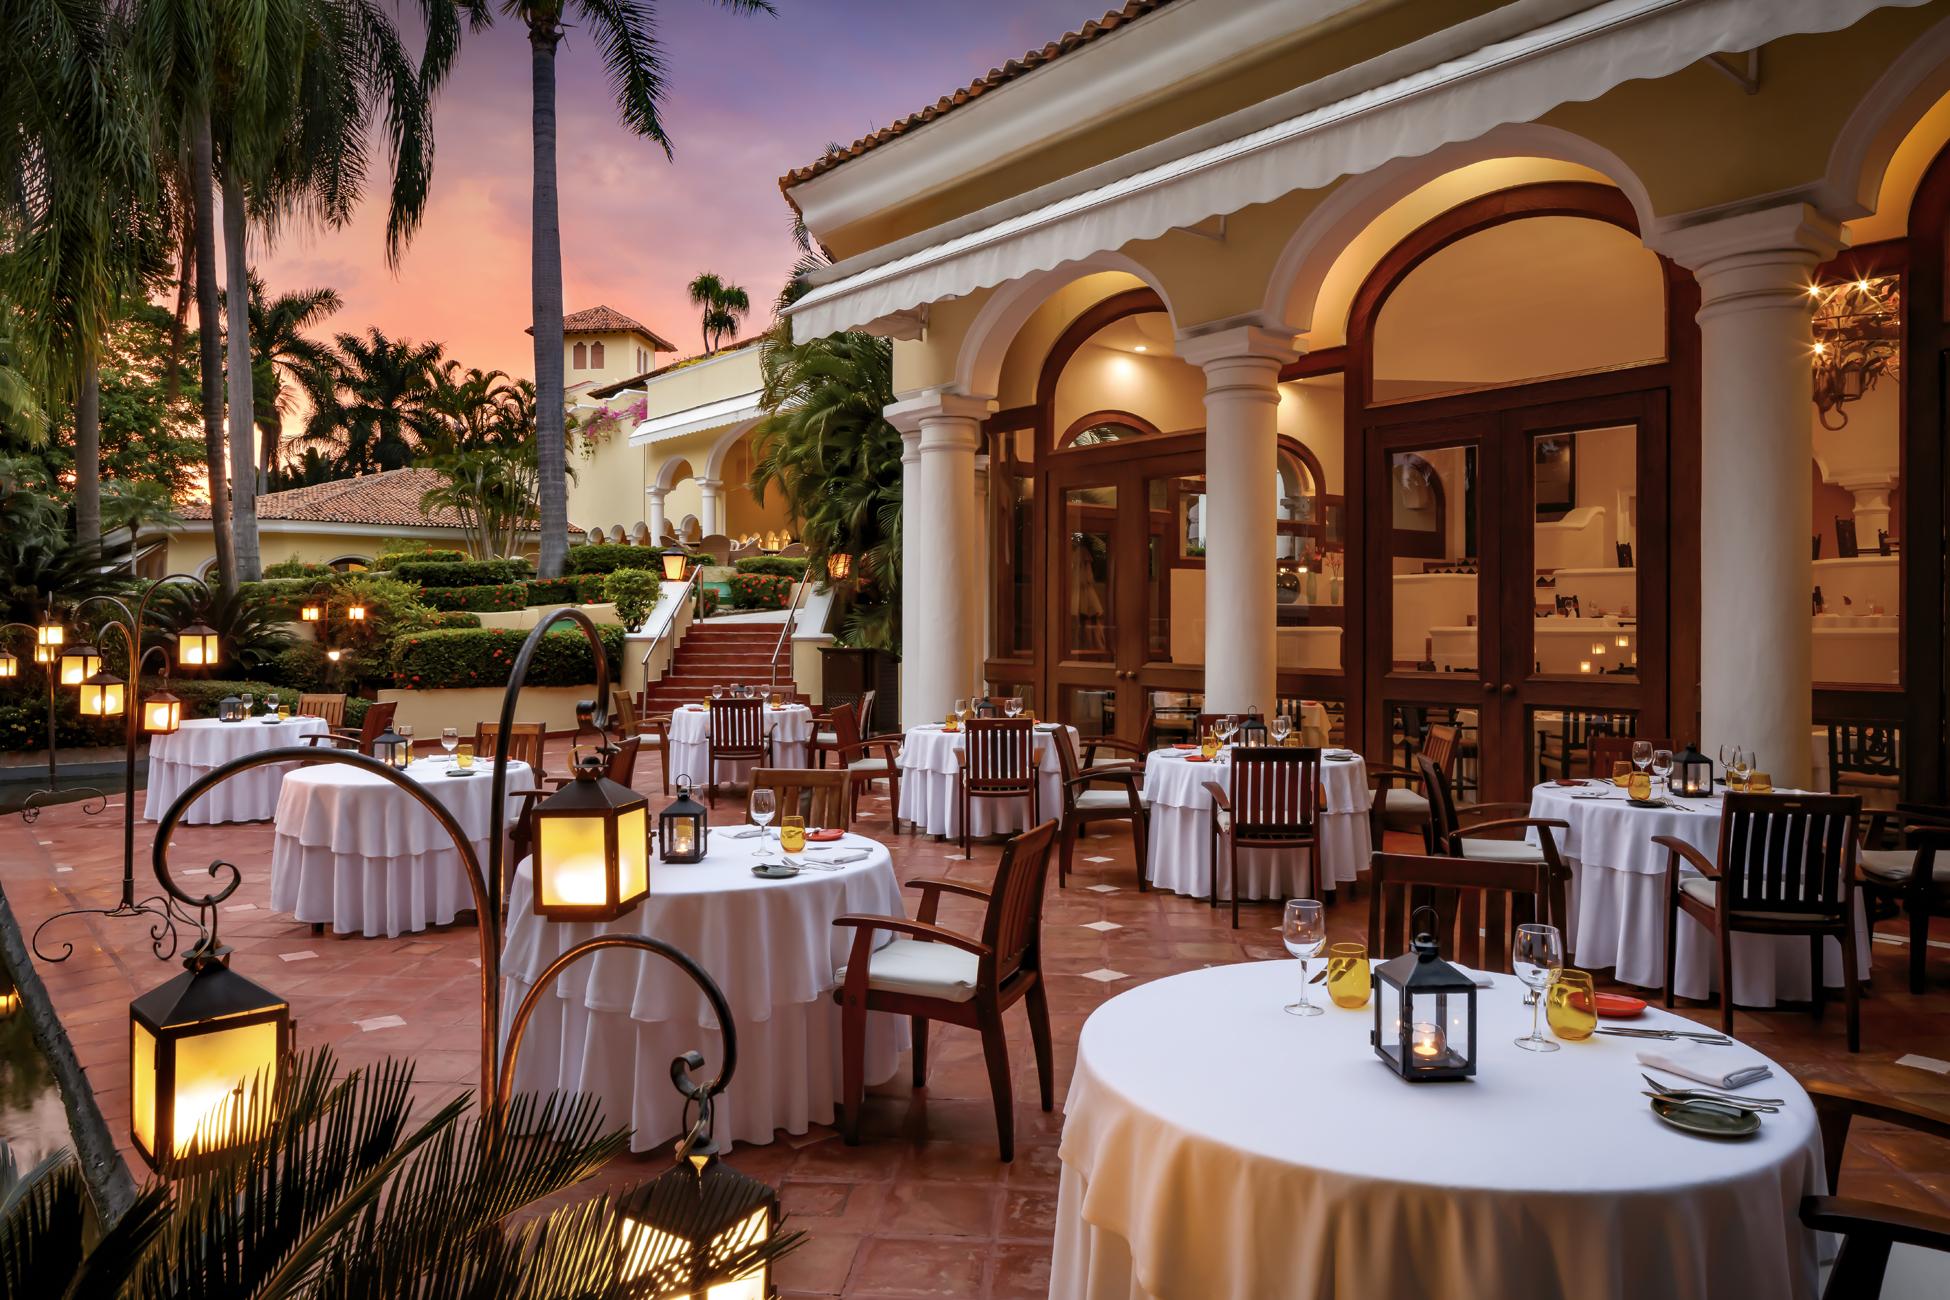 Casa Velas Emiliano Restaurant